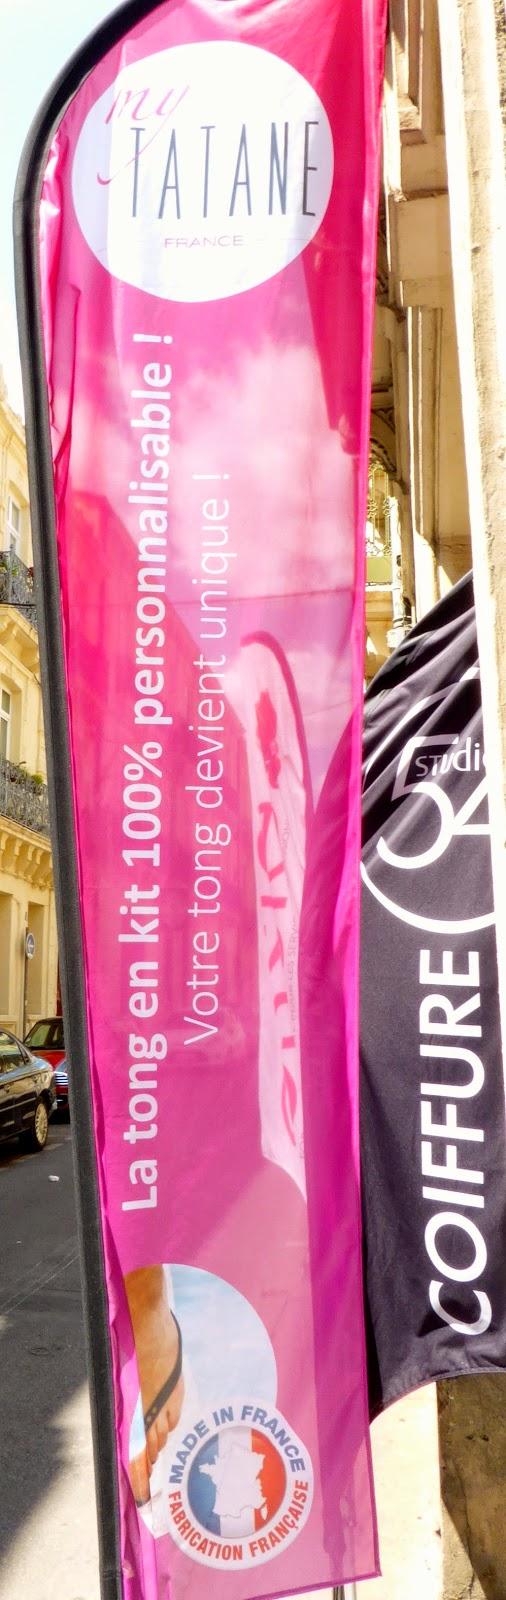 Notre drapeau My Tatane pour vous informer de notre exclusivité à Montpellier,  vous pouvez personnaliser à 100 % vos tongs.